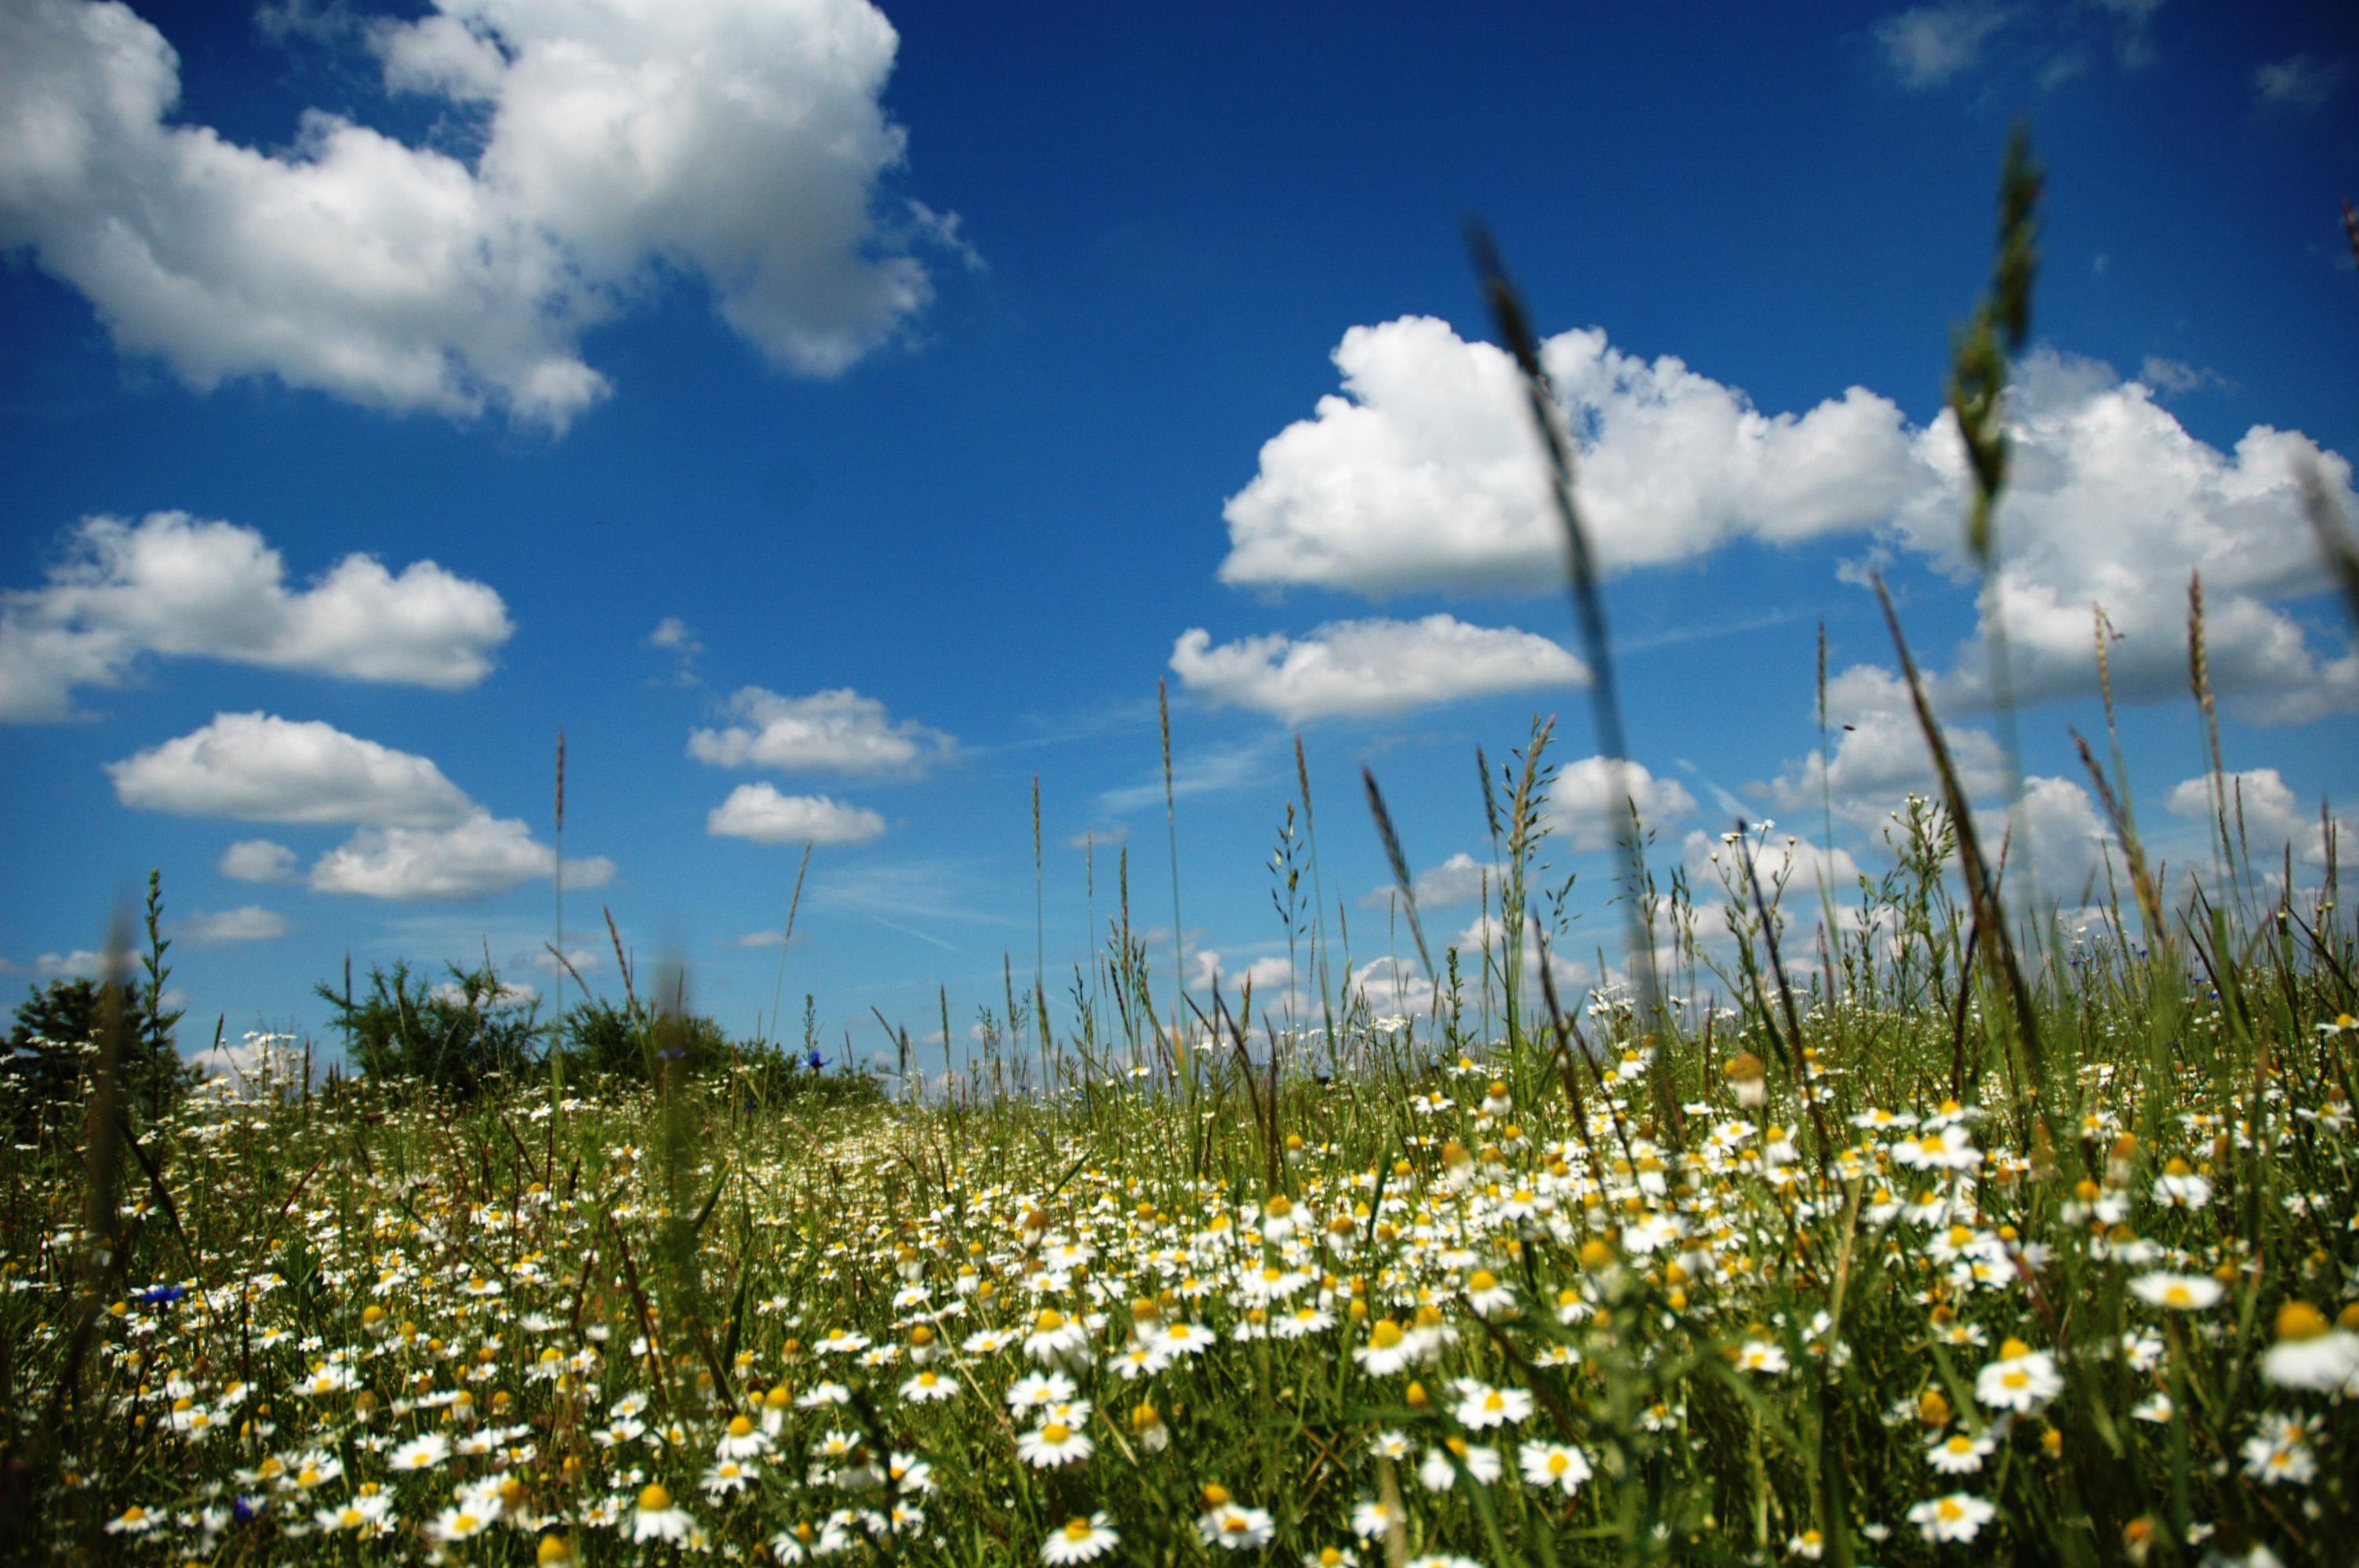 Paysages printemps ete page 55 for Fond ecran ete fleurs